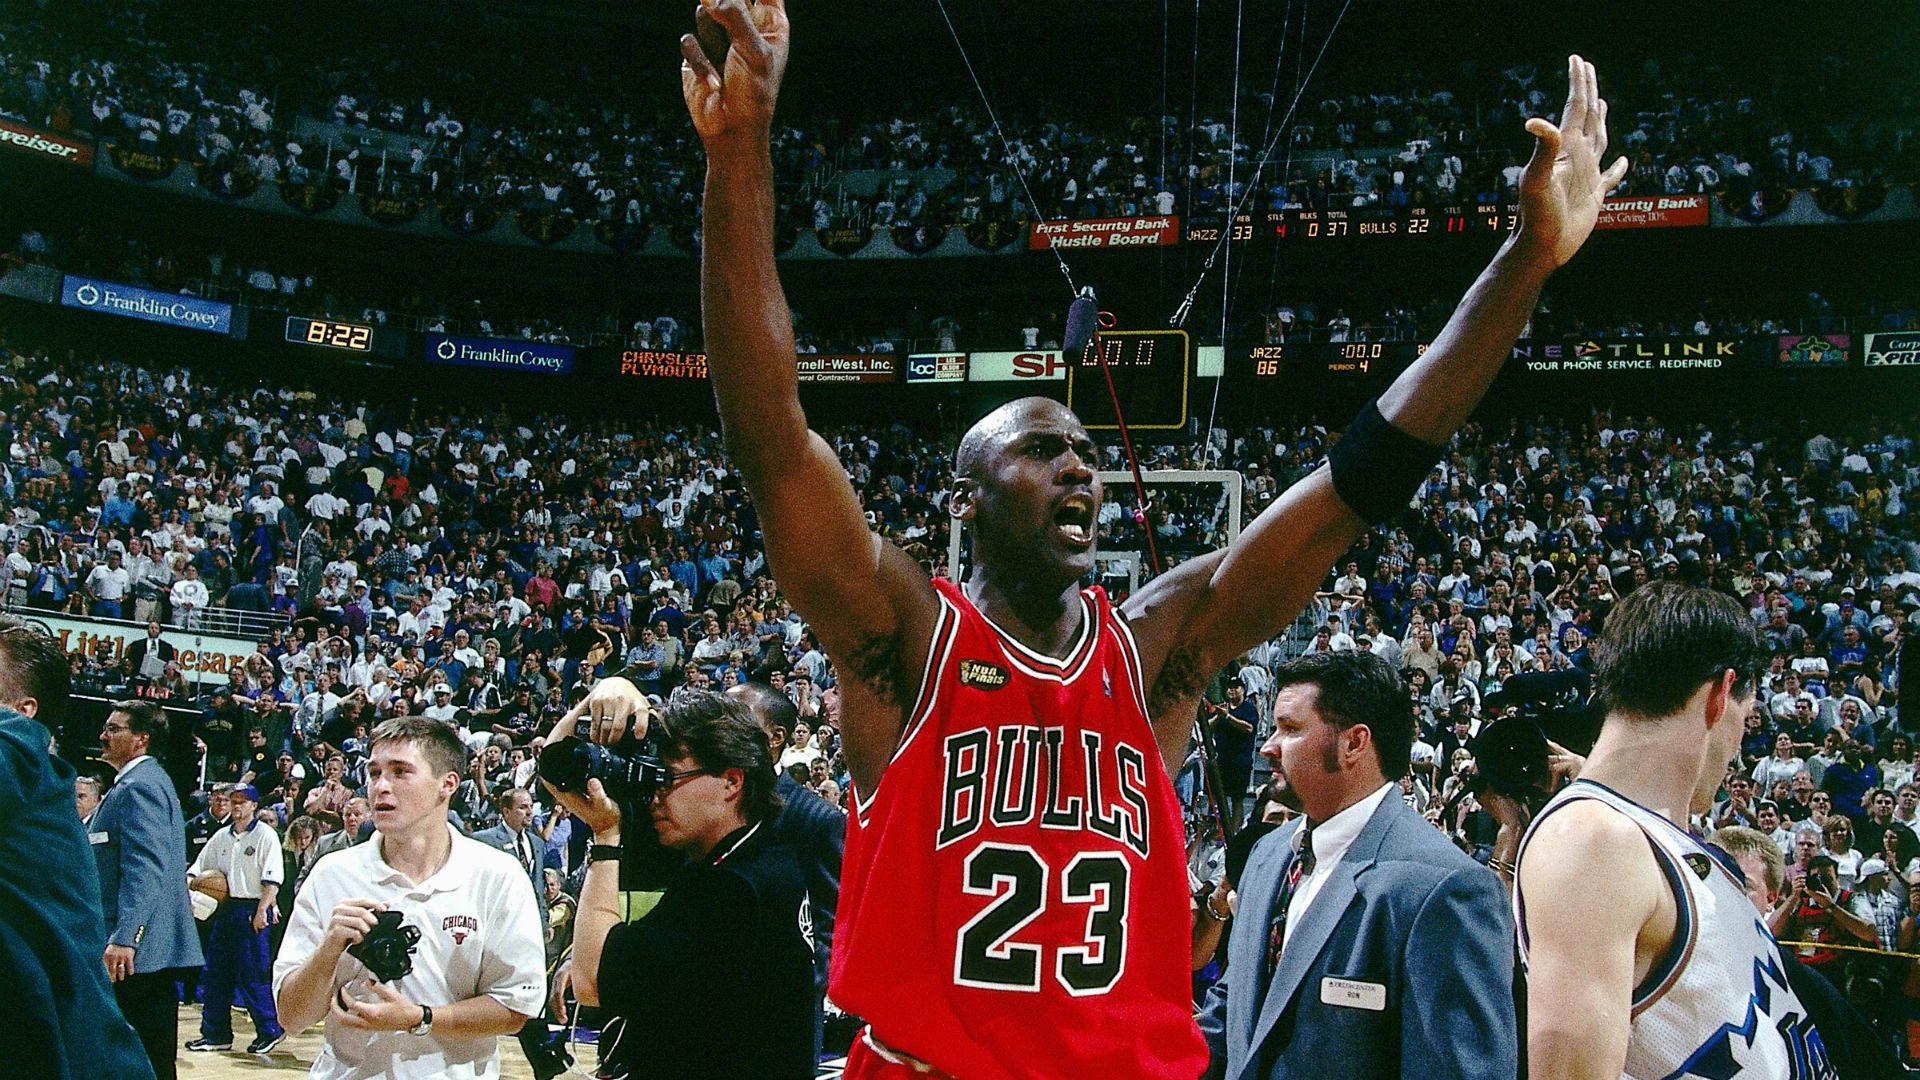 Interpersonal Beneficiario Sitio de Previs  El último partido de Michael Jordan en Chicago Bulls: un tiro para la  historia y una demostración de su carácter ganador | NBA.com Argentina | El  sitio oficial de la NBA